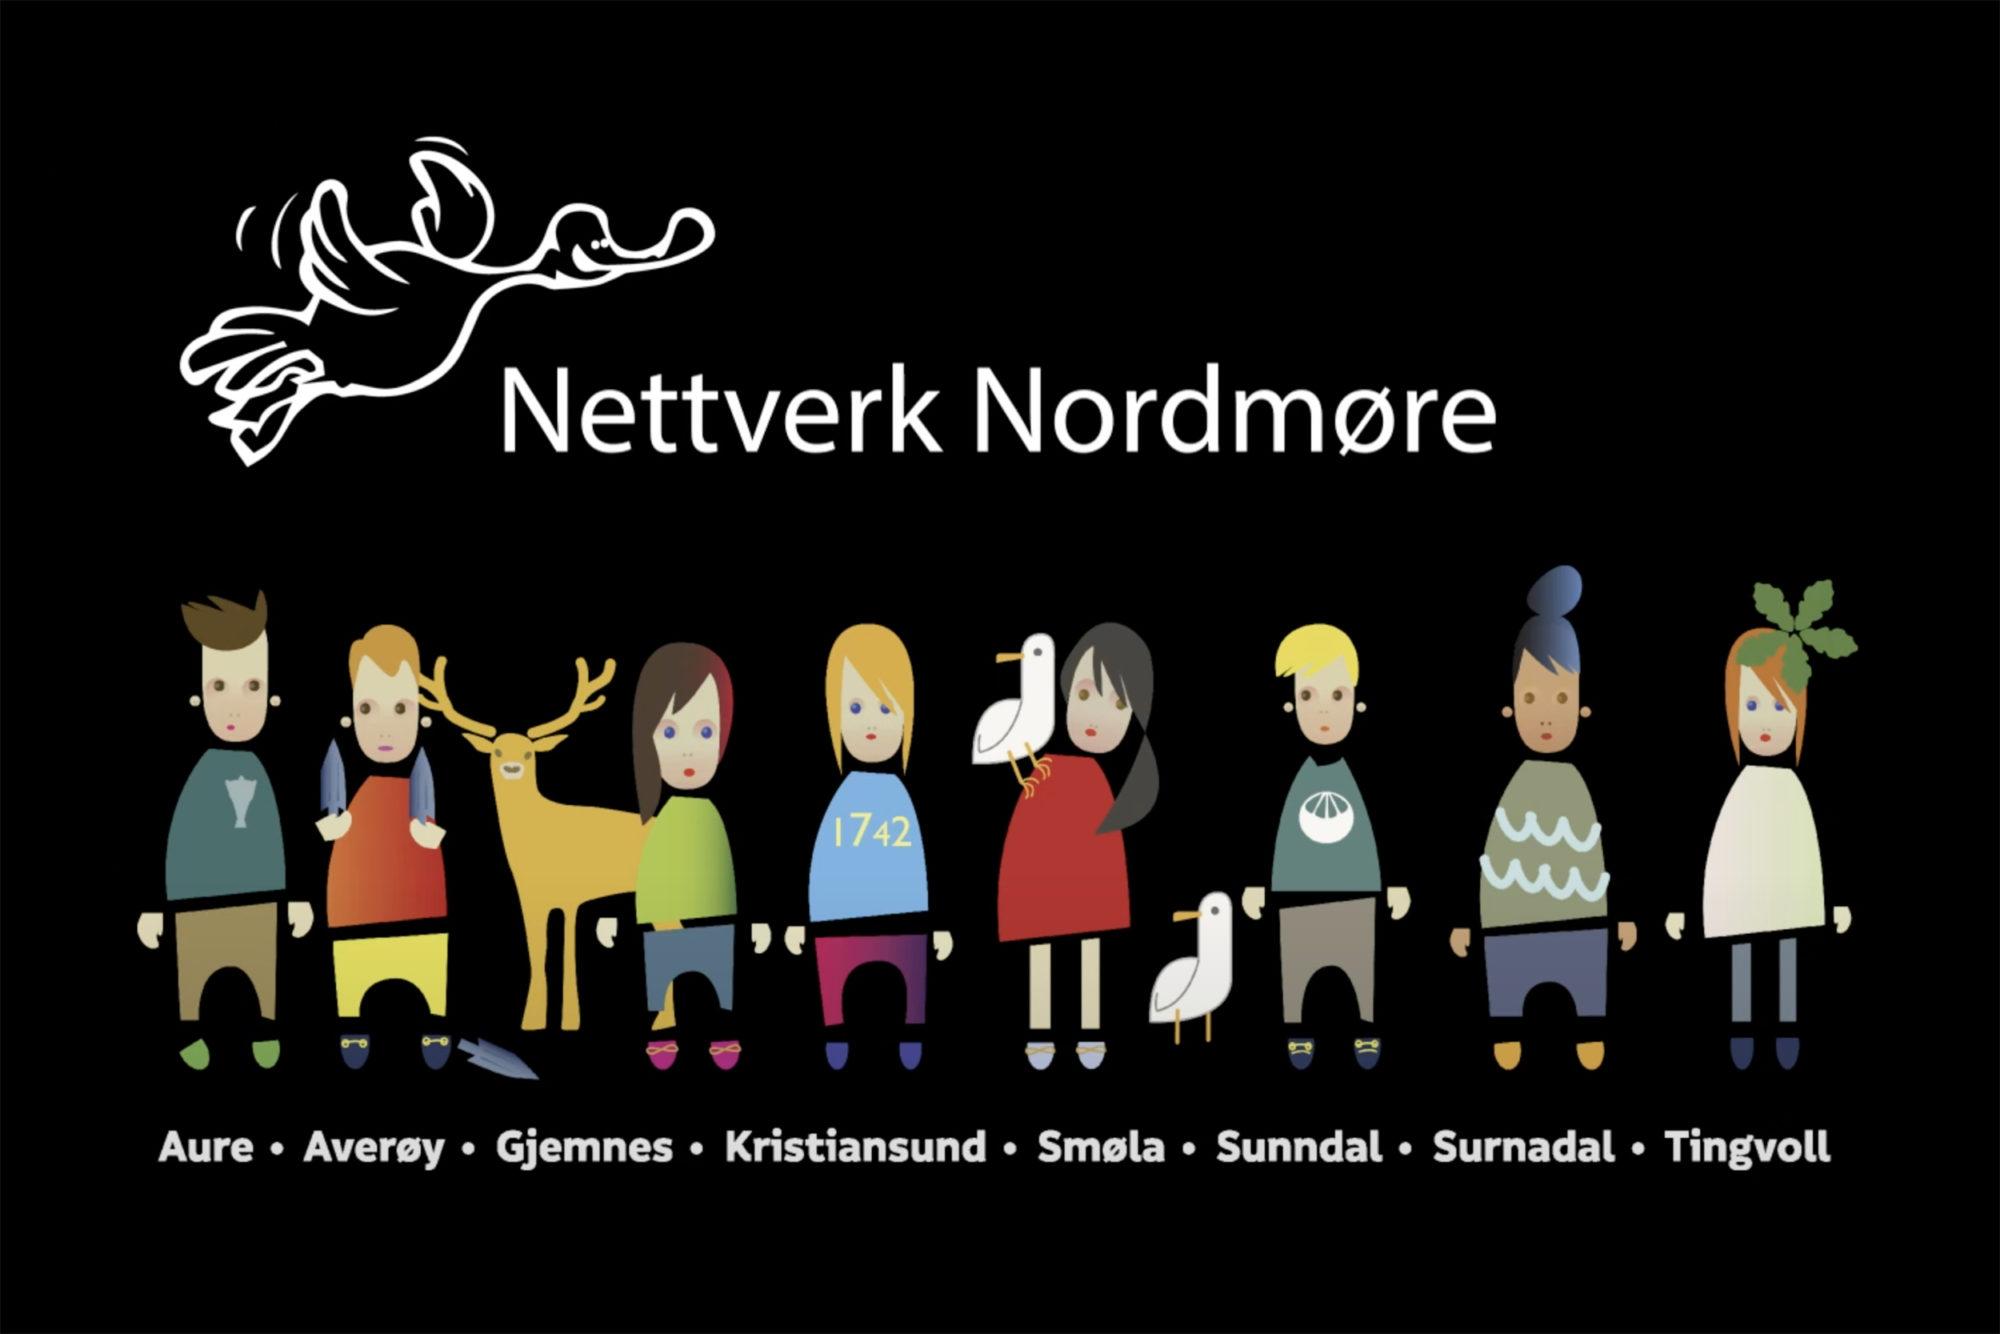 Logo for Nettverk Nordmøre